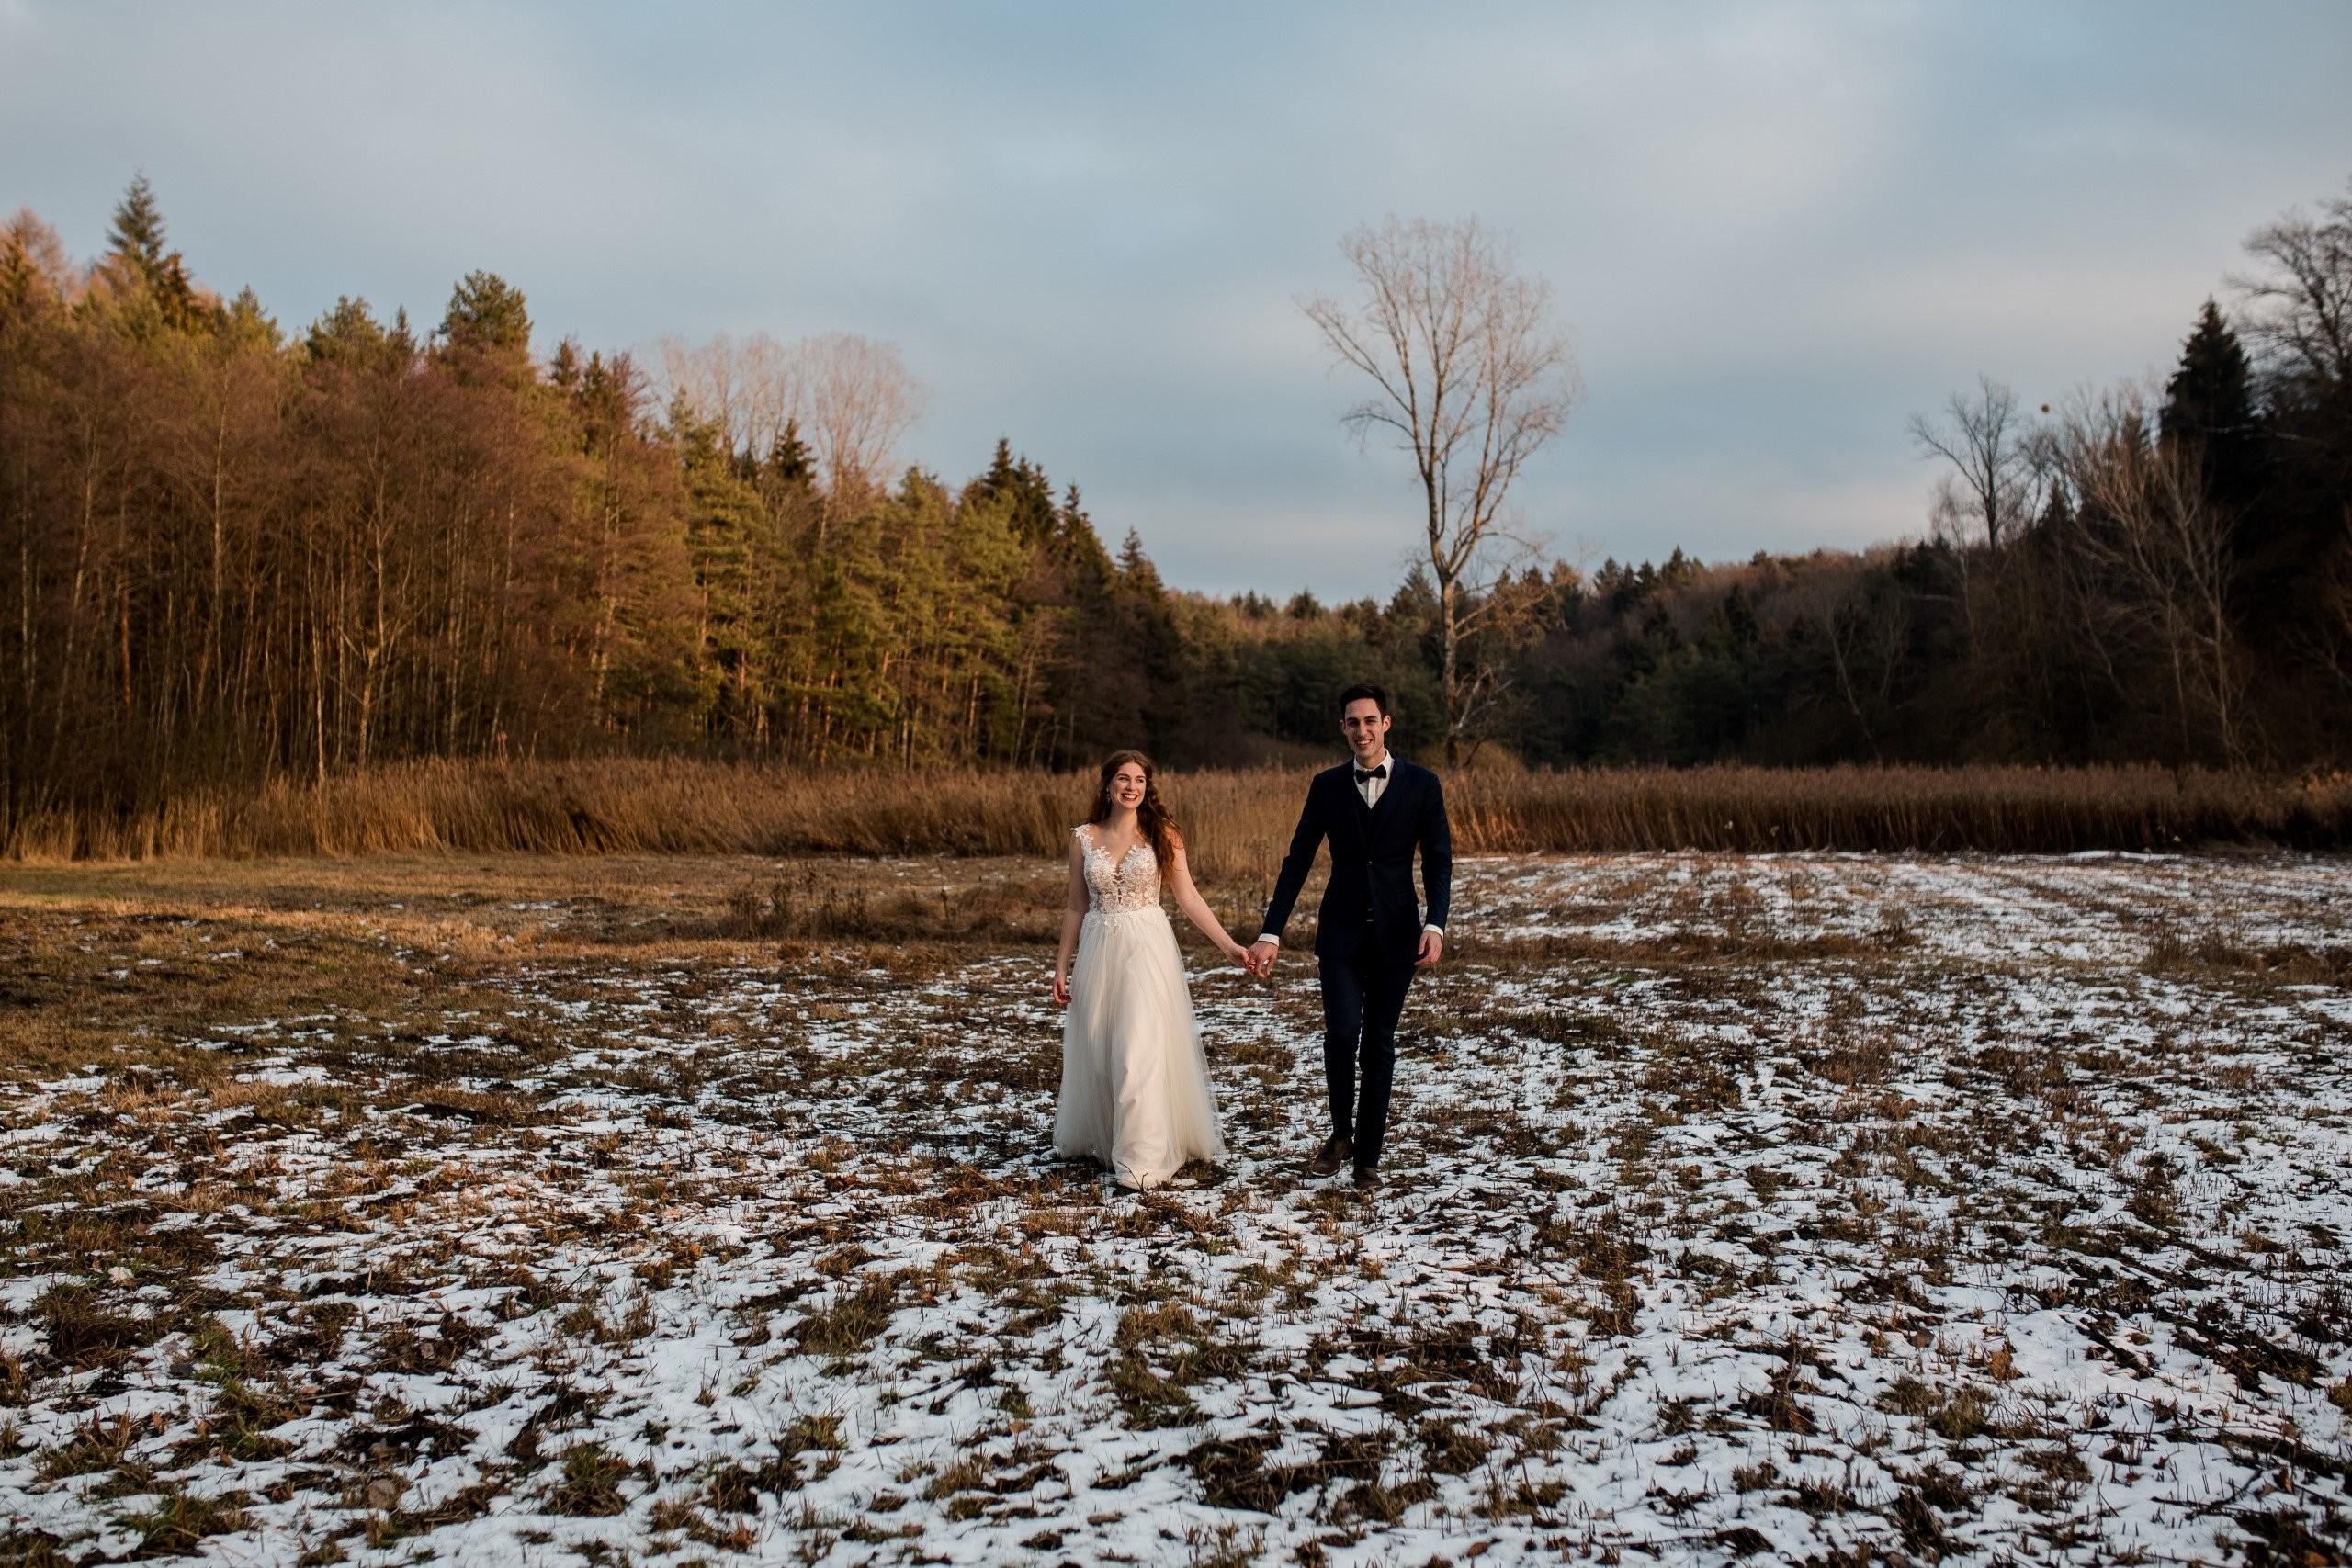 Aida + Tim | Hochzeitsfotografen am Bodensee Leistungen & Preise  - Hochzeitsfotografie von Aida und Tim